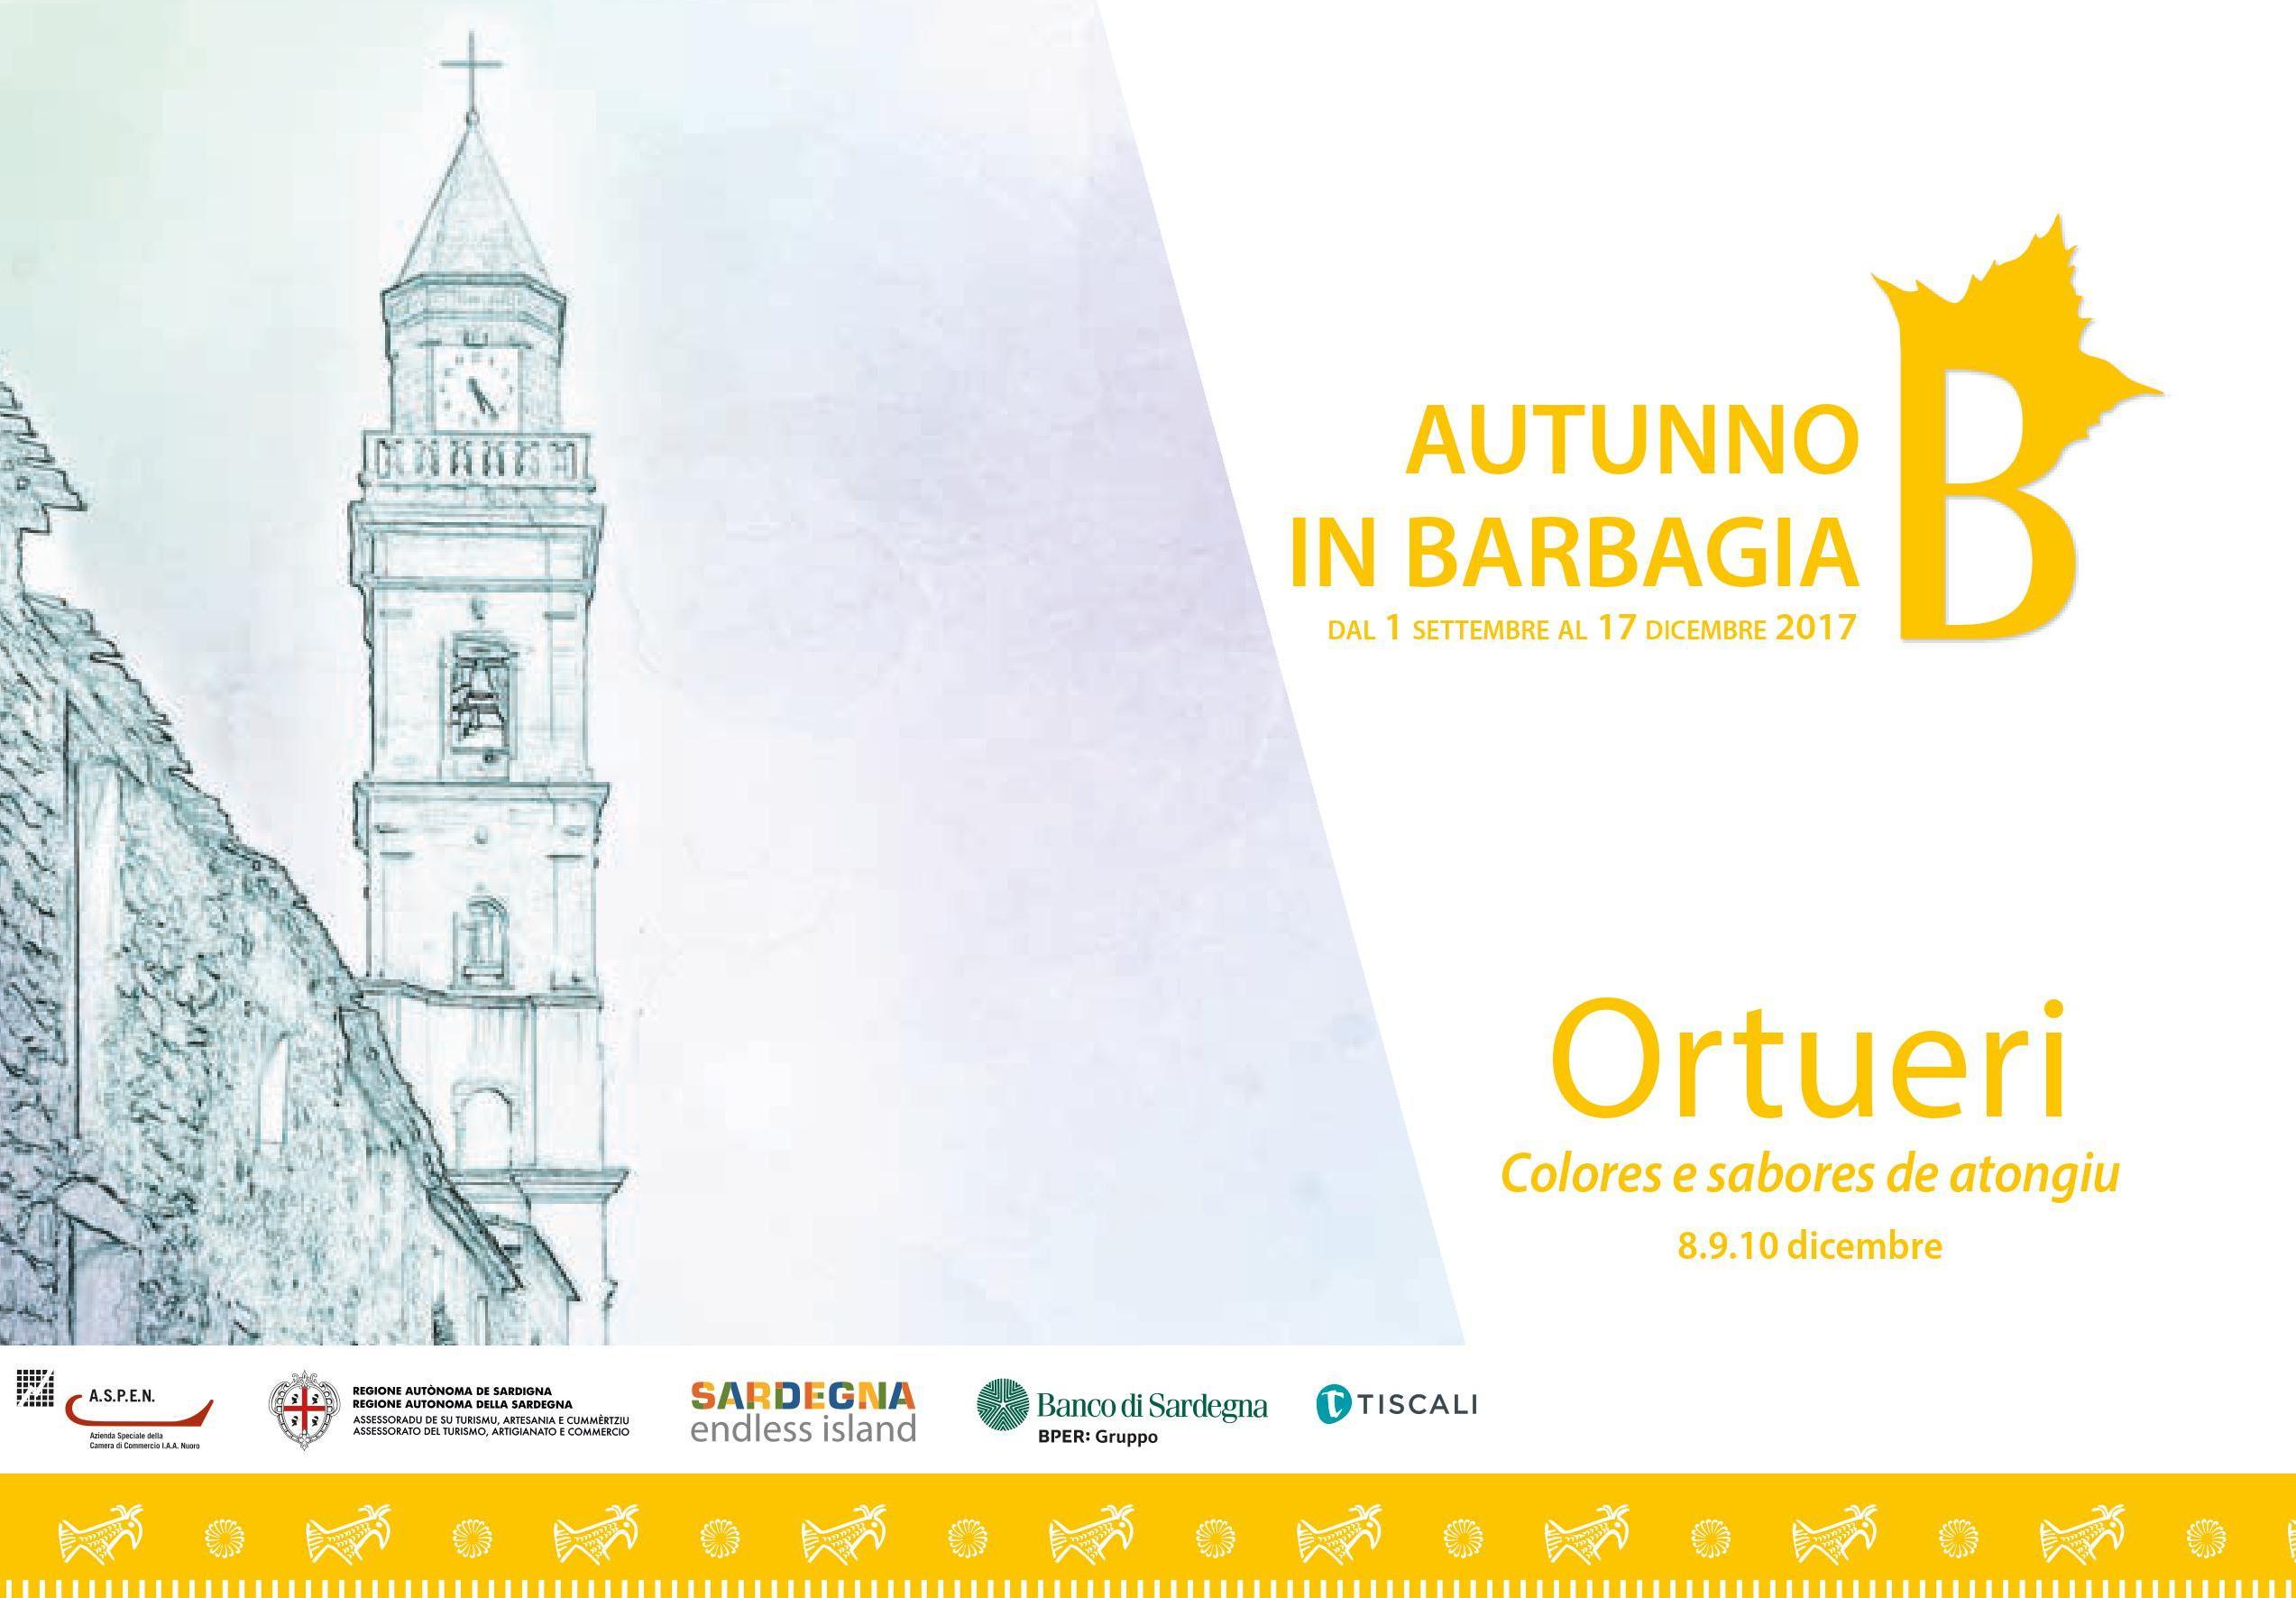 AUTUNNO IN BARBAGIA 2017   Programma completo                       'Colores e sabores de atongiu'